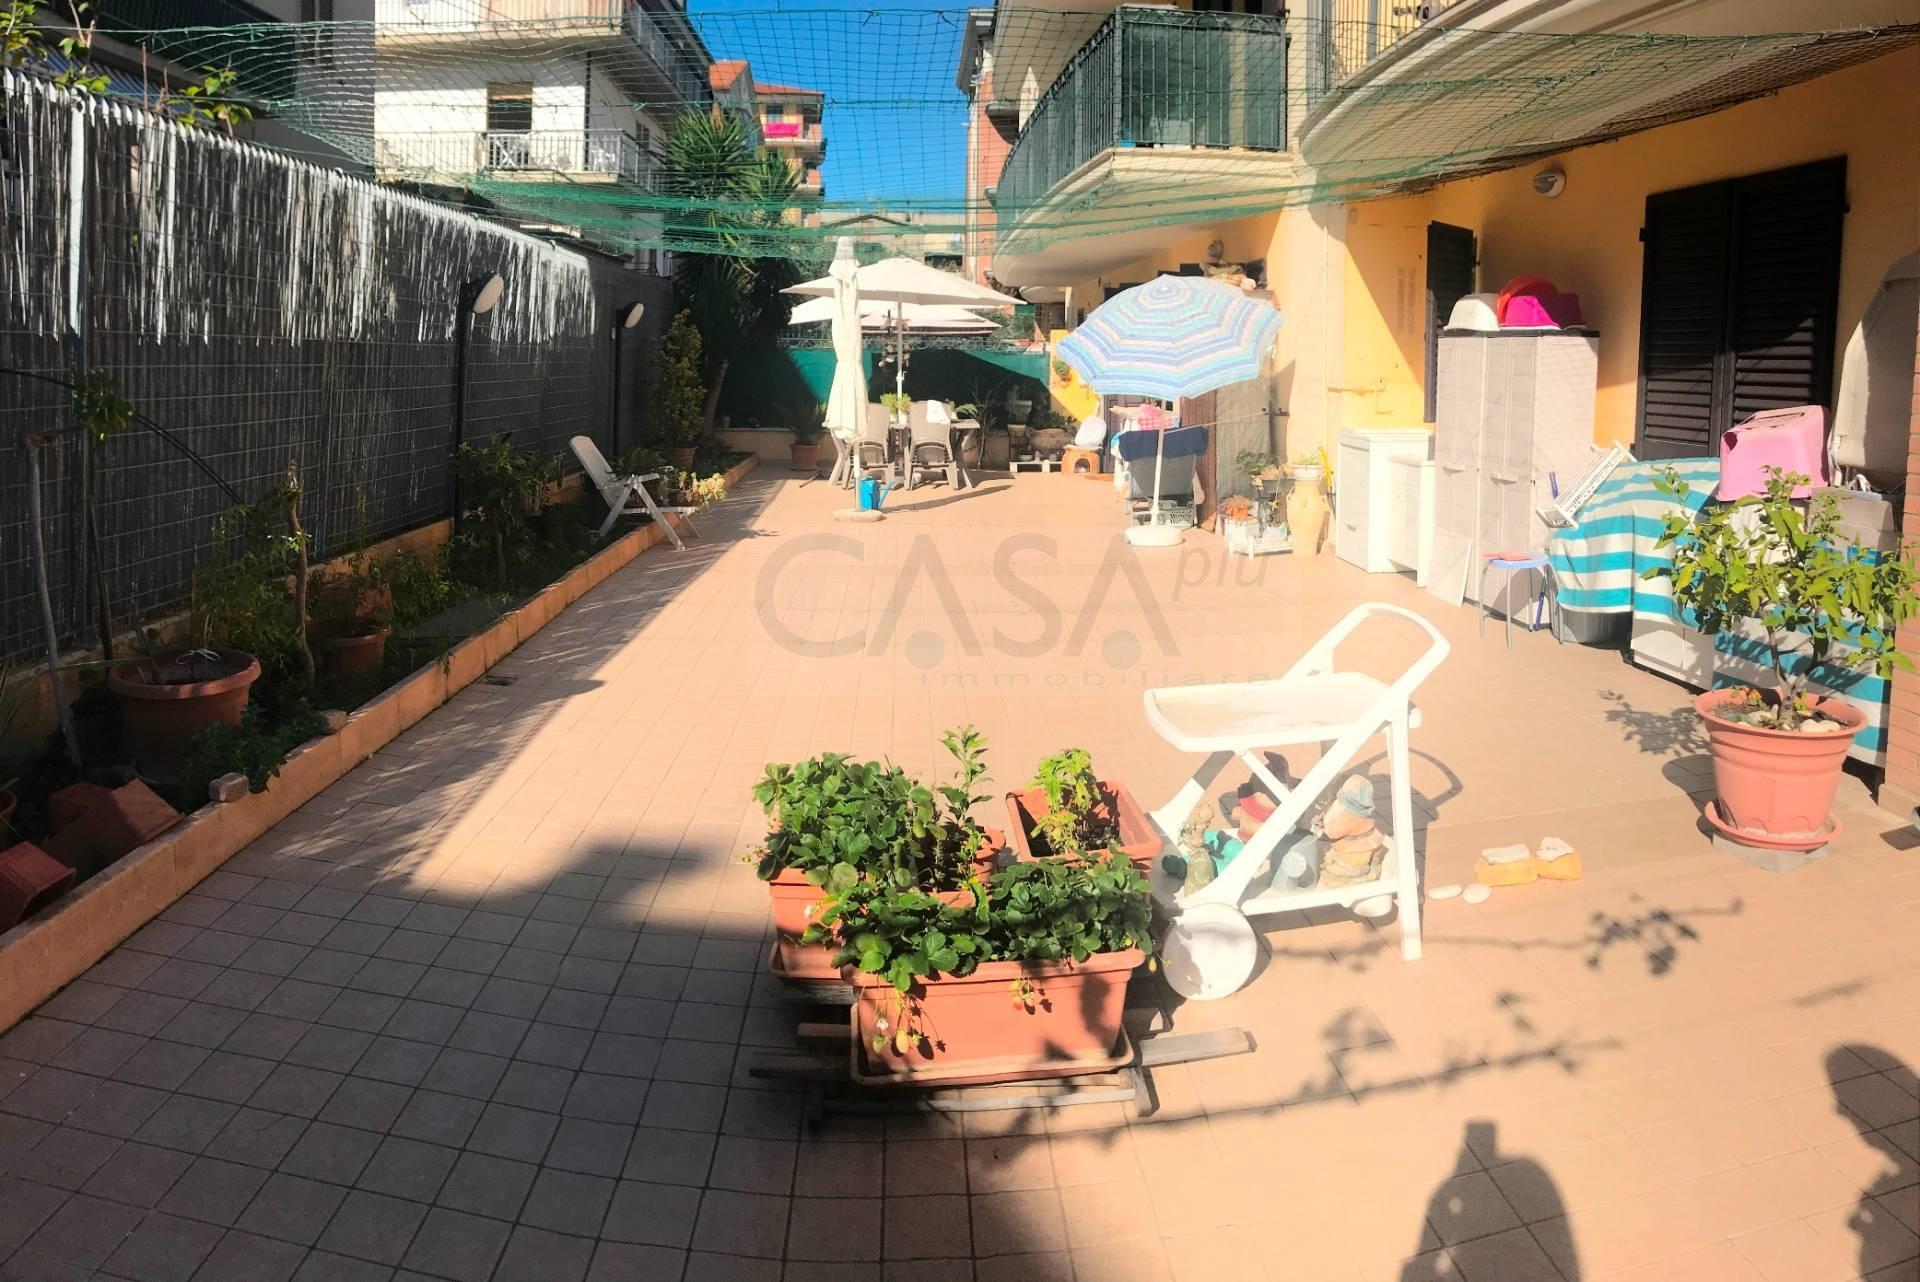 Appartamento in vendita a Monteprandone, 3 locali, zona obuchi, prezzo € 155.000 | PortaleAgenzieImmobiliari.it